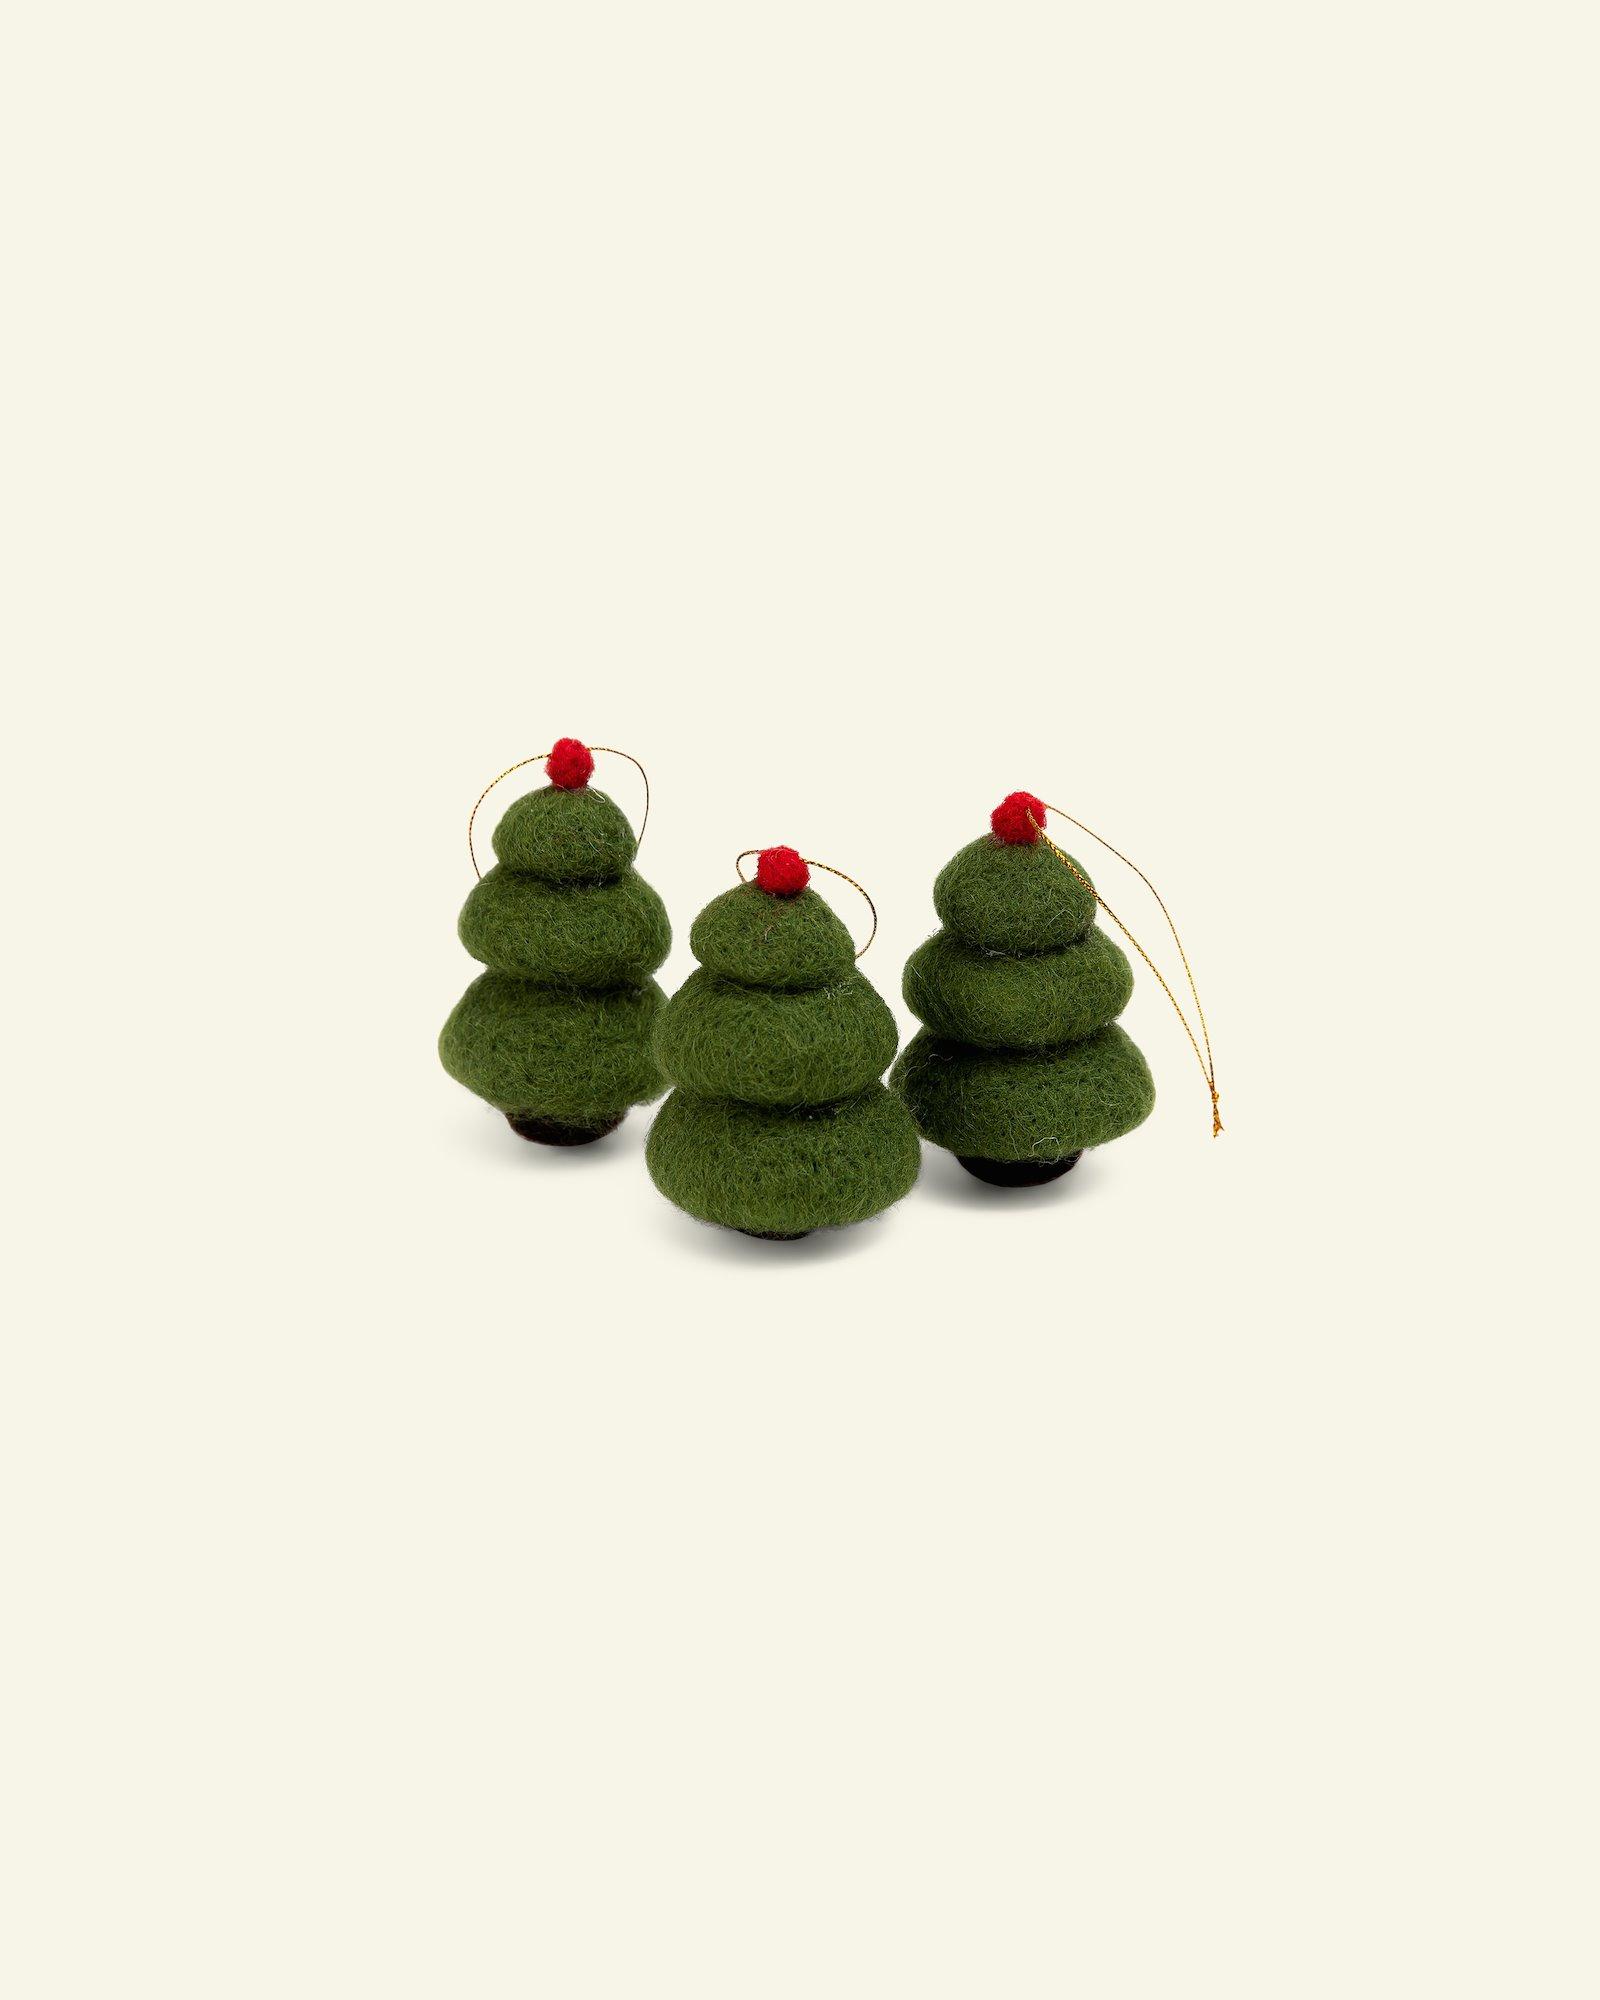 Woll-Kit Weihnachtsbaum, 6cm Grün, 3 St.